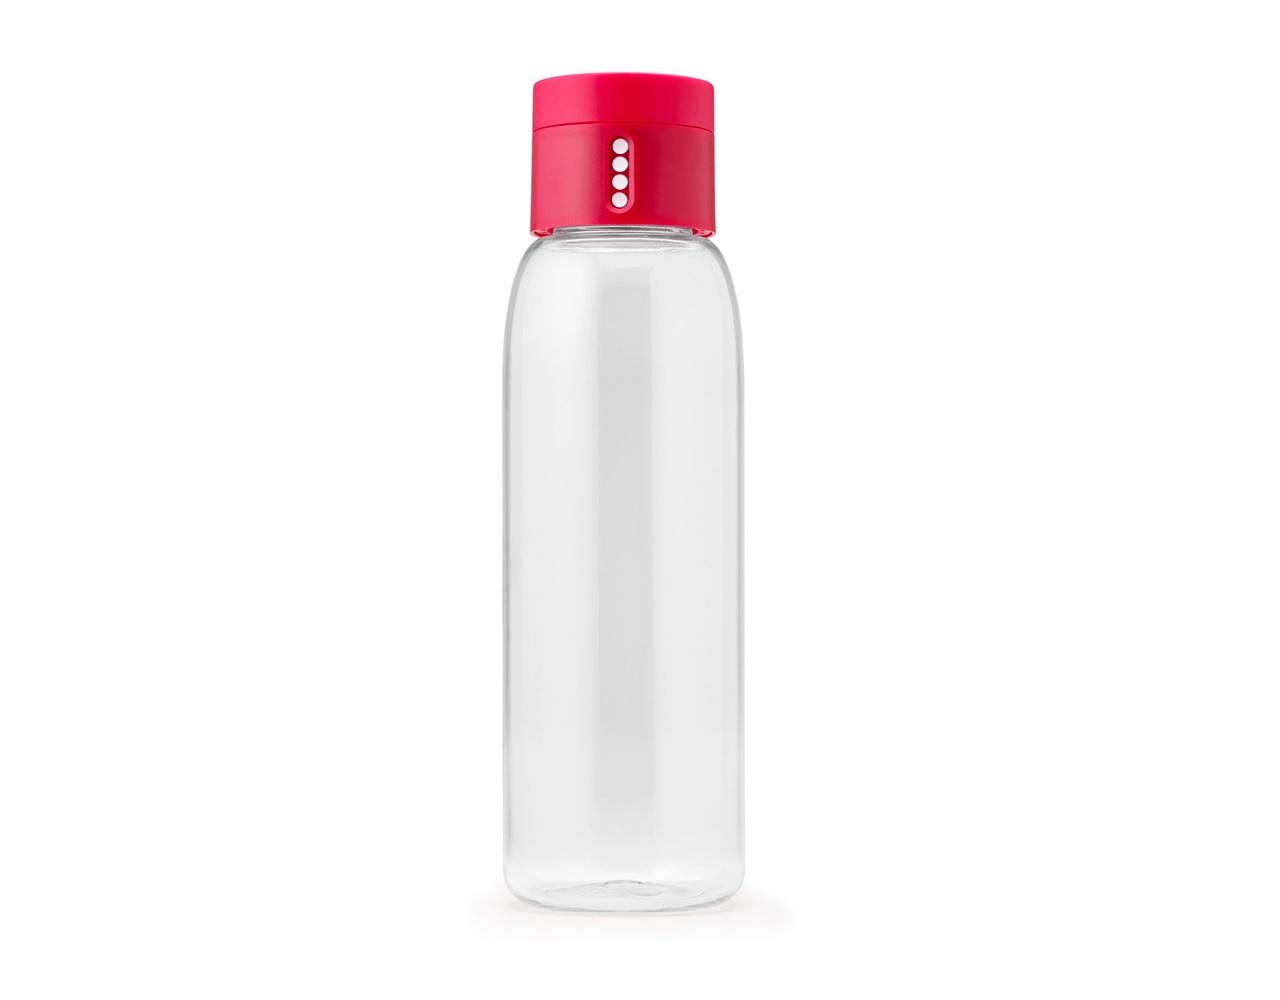 Бутылка для воды DotБутылки<br>Уникальная бутылка, которая поможет вам контролировать ежедневное потребление воды. Инновационная крышка со счетчиком запомнит каждое наполнение бутылки в течение дня. Просто закрутите крышку до появления точки, а для питья используйте верхнюю крышку. Новая точка появится каждый раз, когда бутылка заново заполнена и крышка закручена. <br>Из гладкого литого носика бутылки удобно пить, а широкое горлышко идеально для насыпания льда и мытья. Герметичная крышка надежно защитит содержимое от вытекания. Бутылка изготовлена из экологичного и удапрочного материала Tritan.&amp;lt;div&amp;gt;&amp;lt;br&amp;gt;&amp;lt;/div&amp;gt;&amp;lt;div&amp;gt;Объем - 600 мл.&amp;lt;/div&amp;gt;<br><br>Material: Пластик<br>Height см: 23,5<br>Diameter см: 7